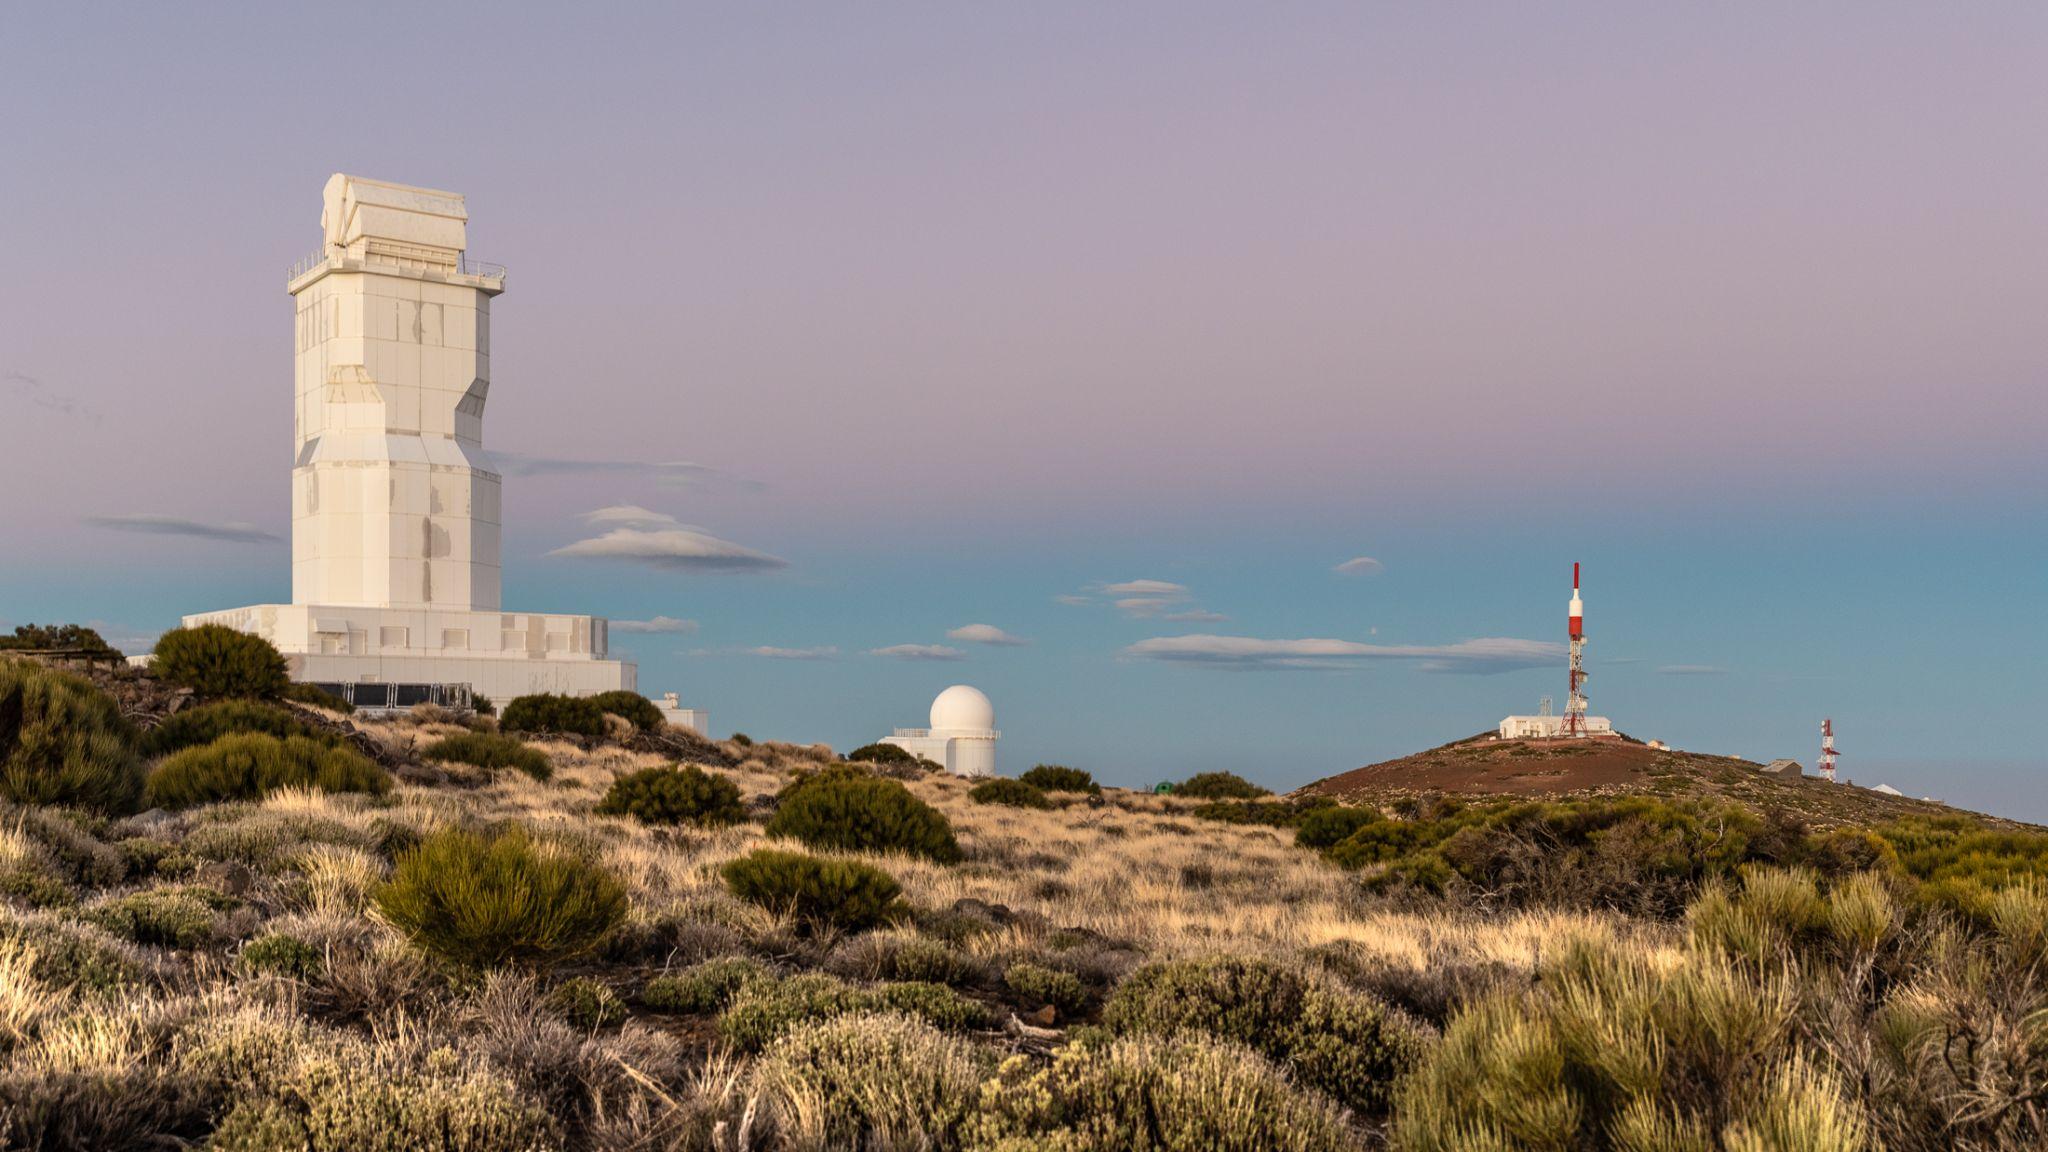 Slooh Teide Observatory, Spain